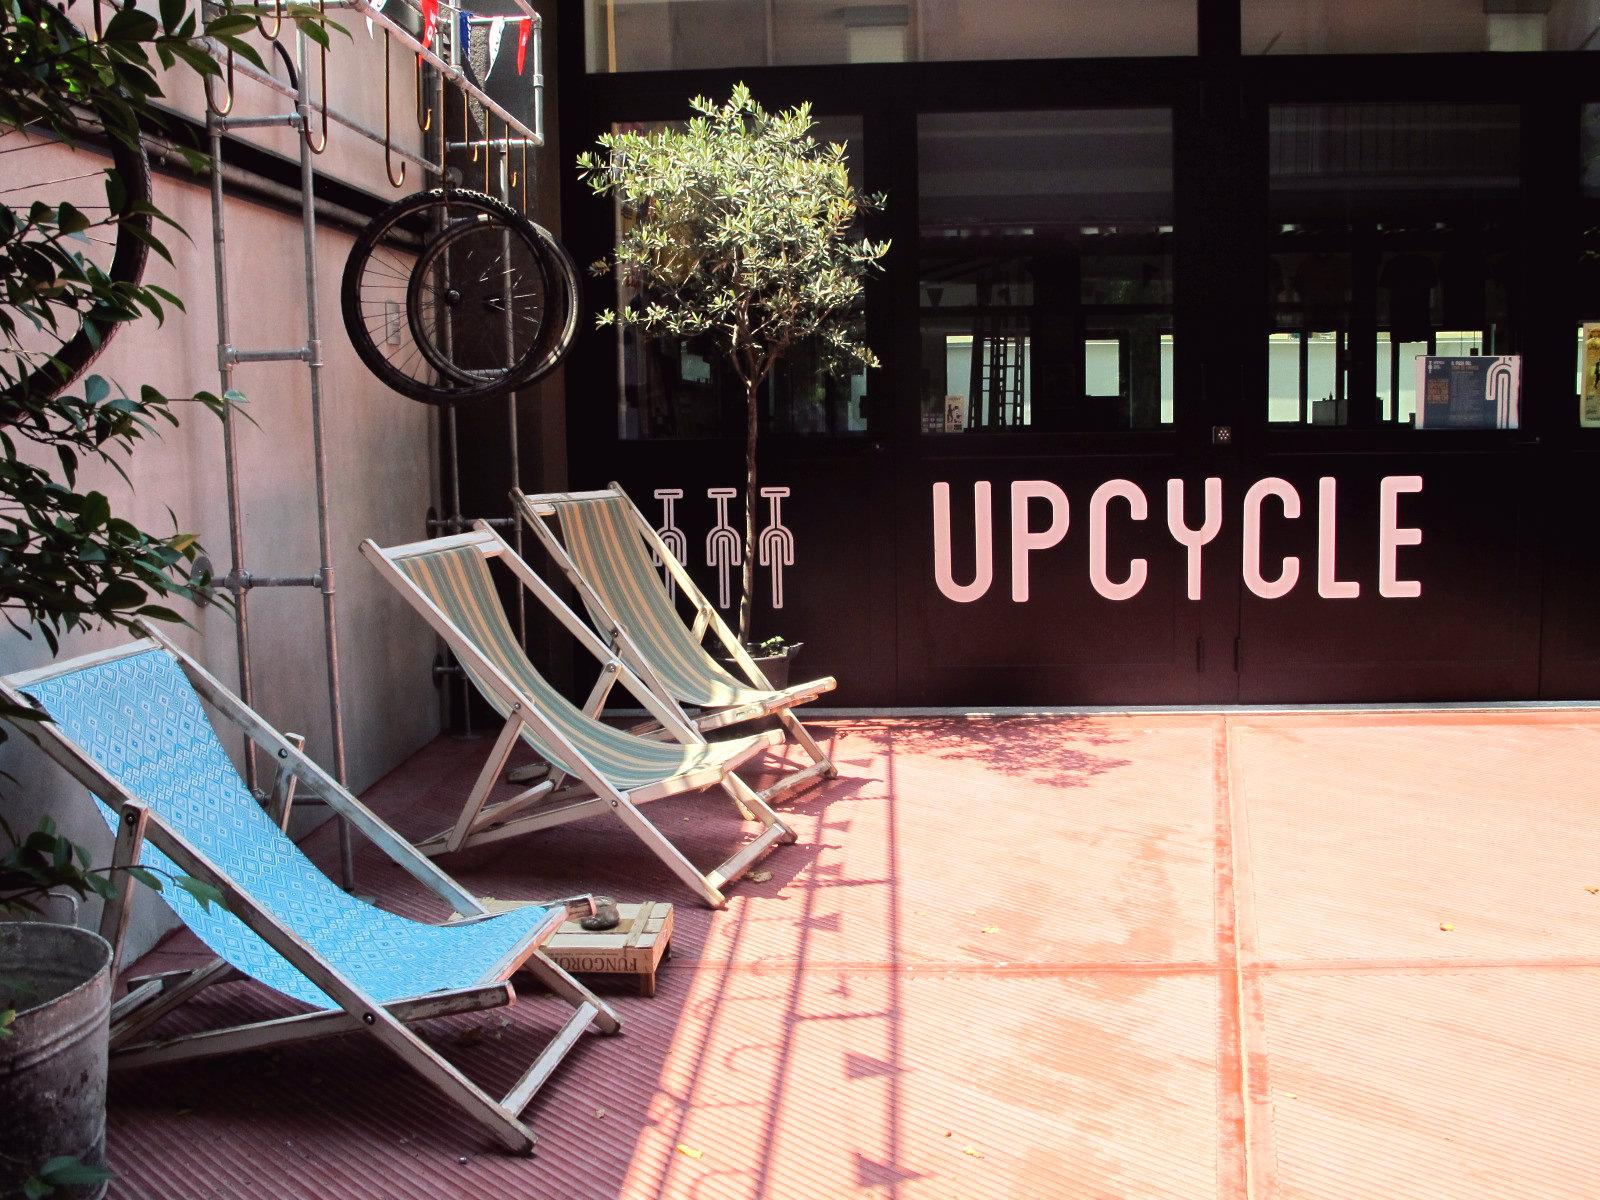 Upcycle, des vélos et un joli café…